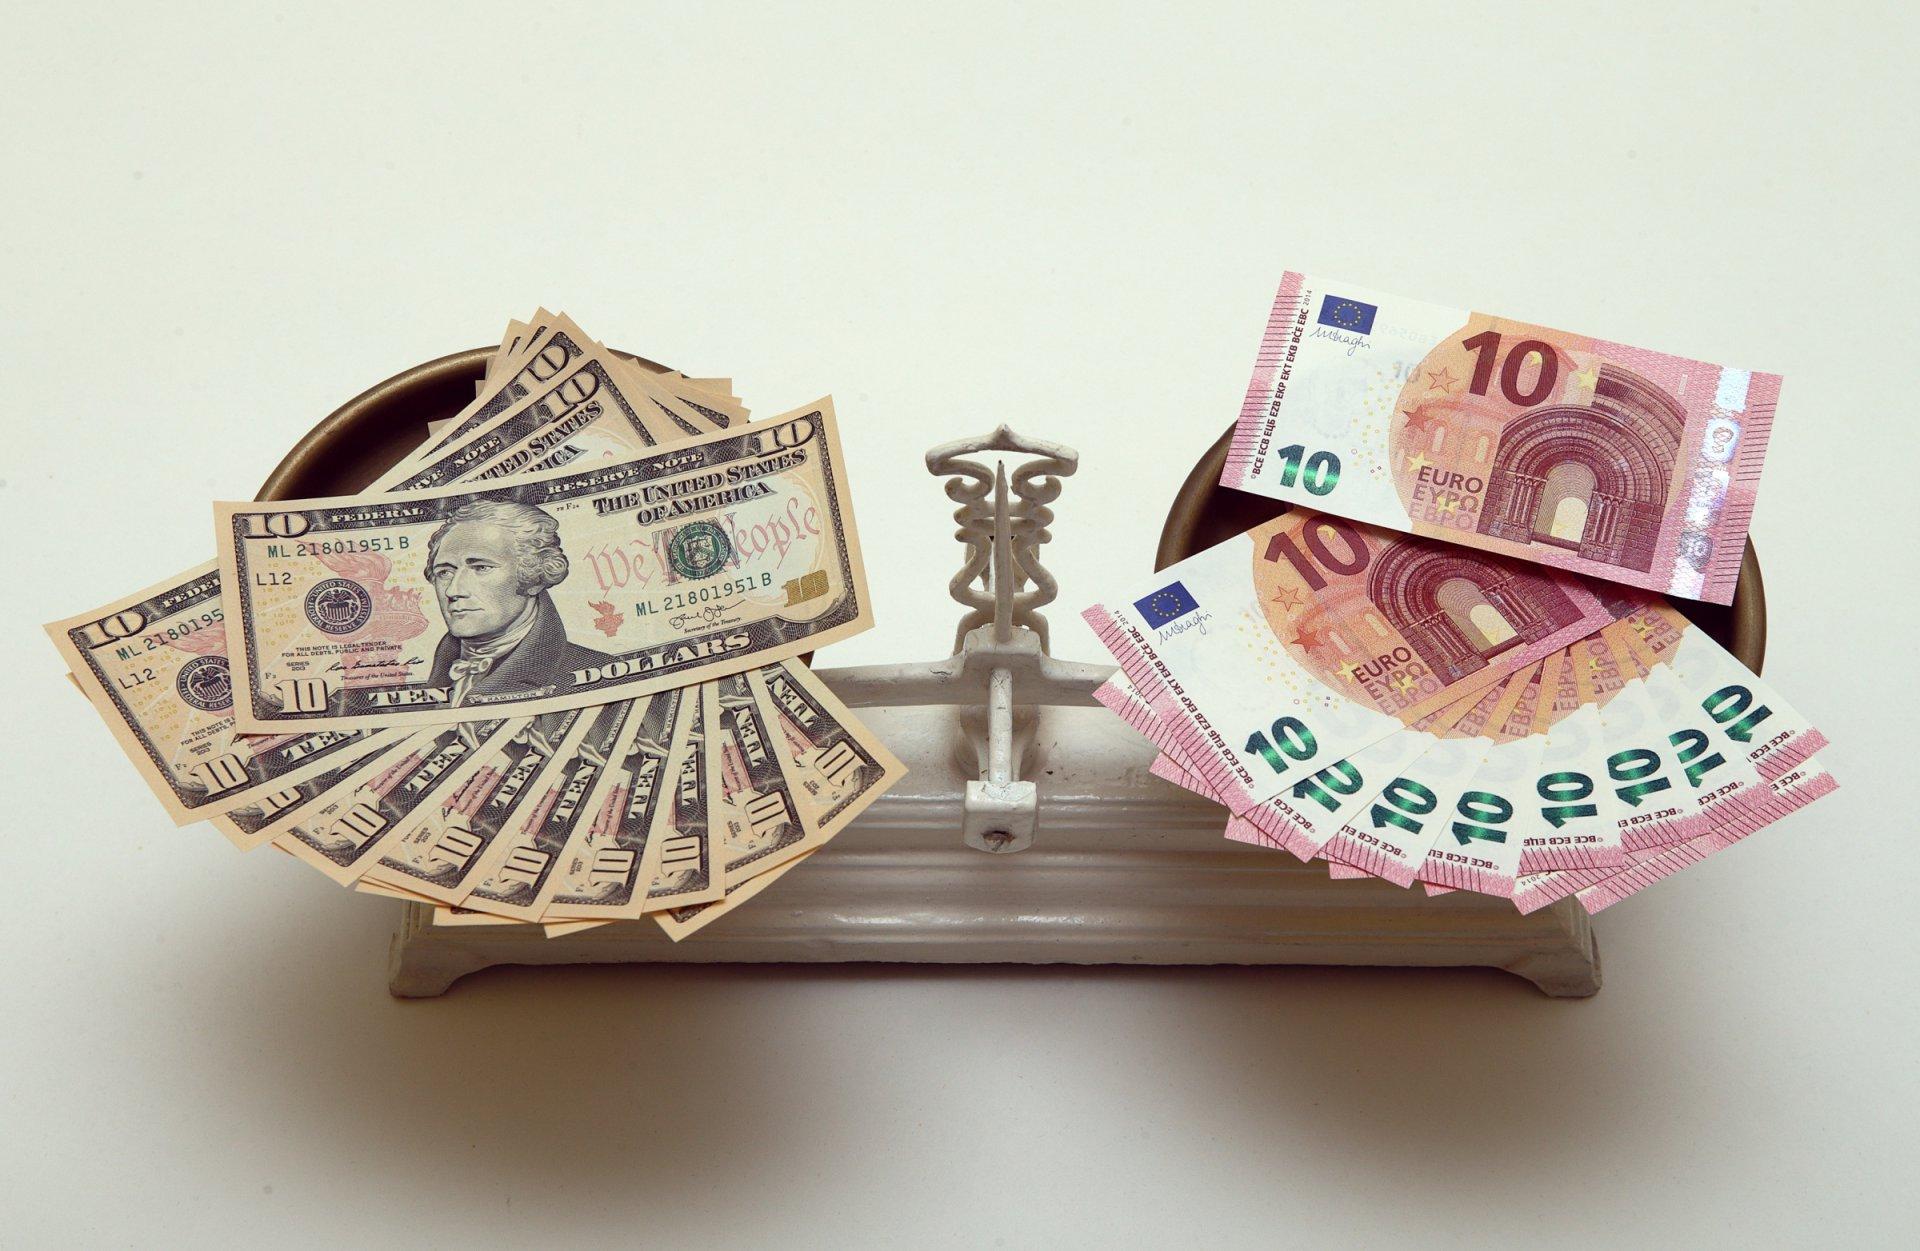 Risk fonu - Hedge fund